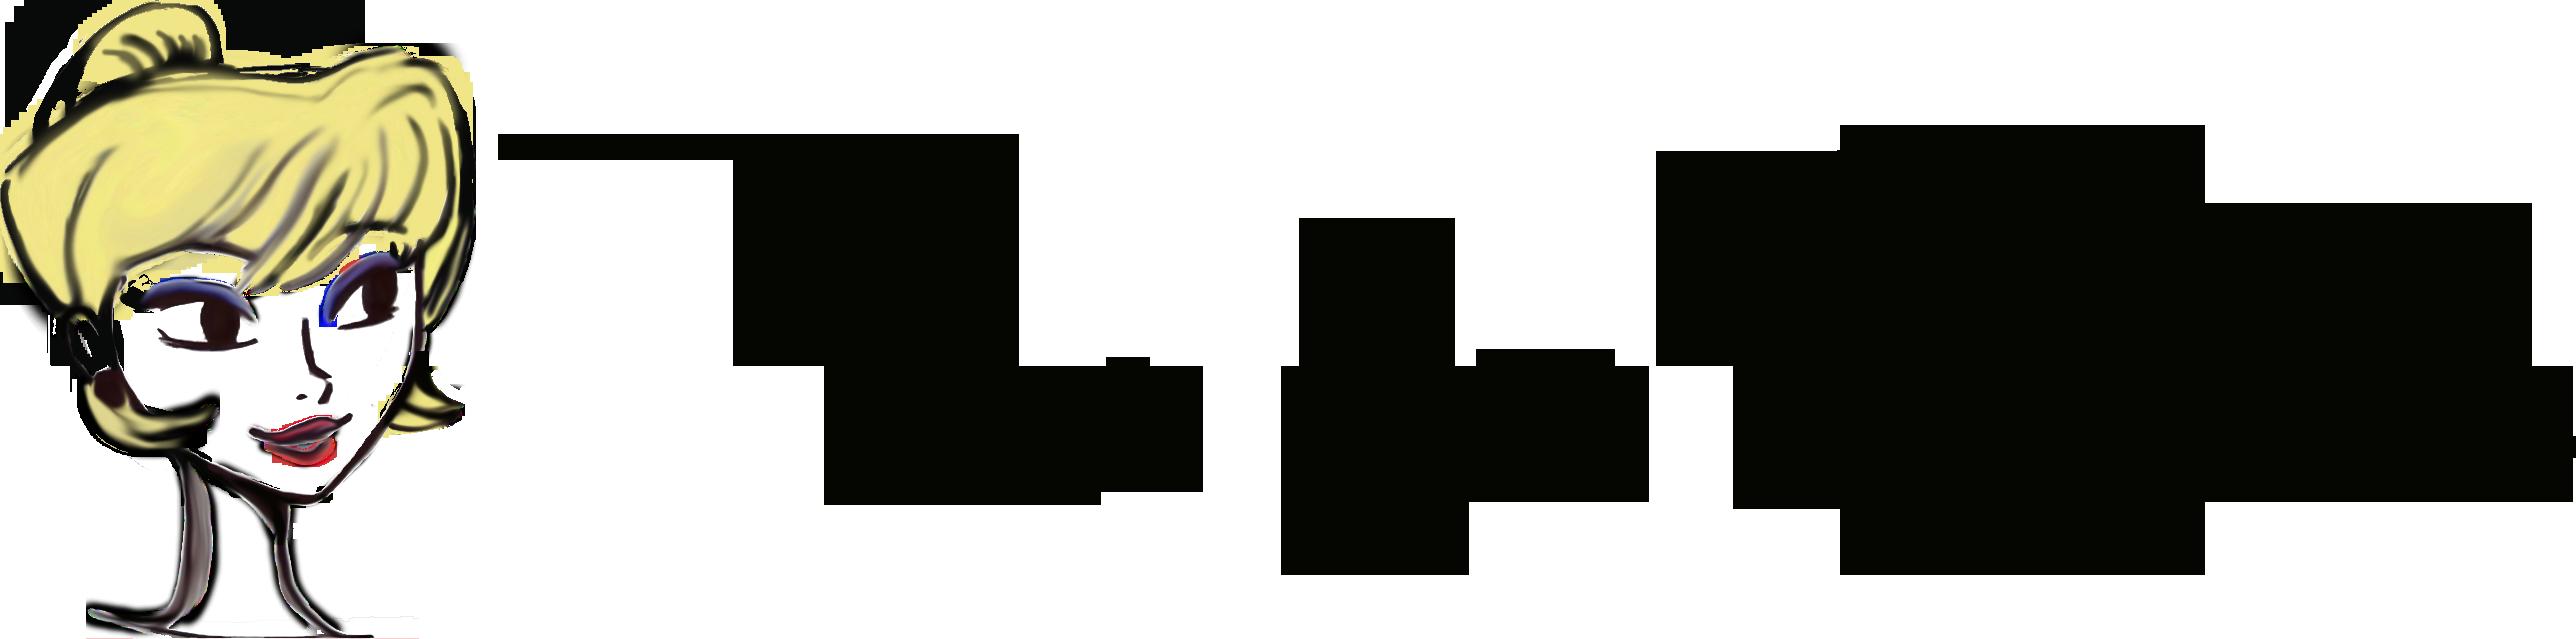 Tinas feine Stöffchen-Logo